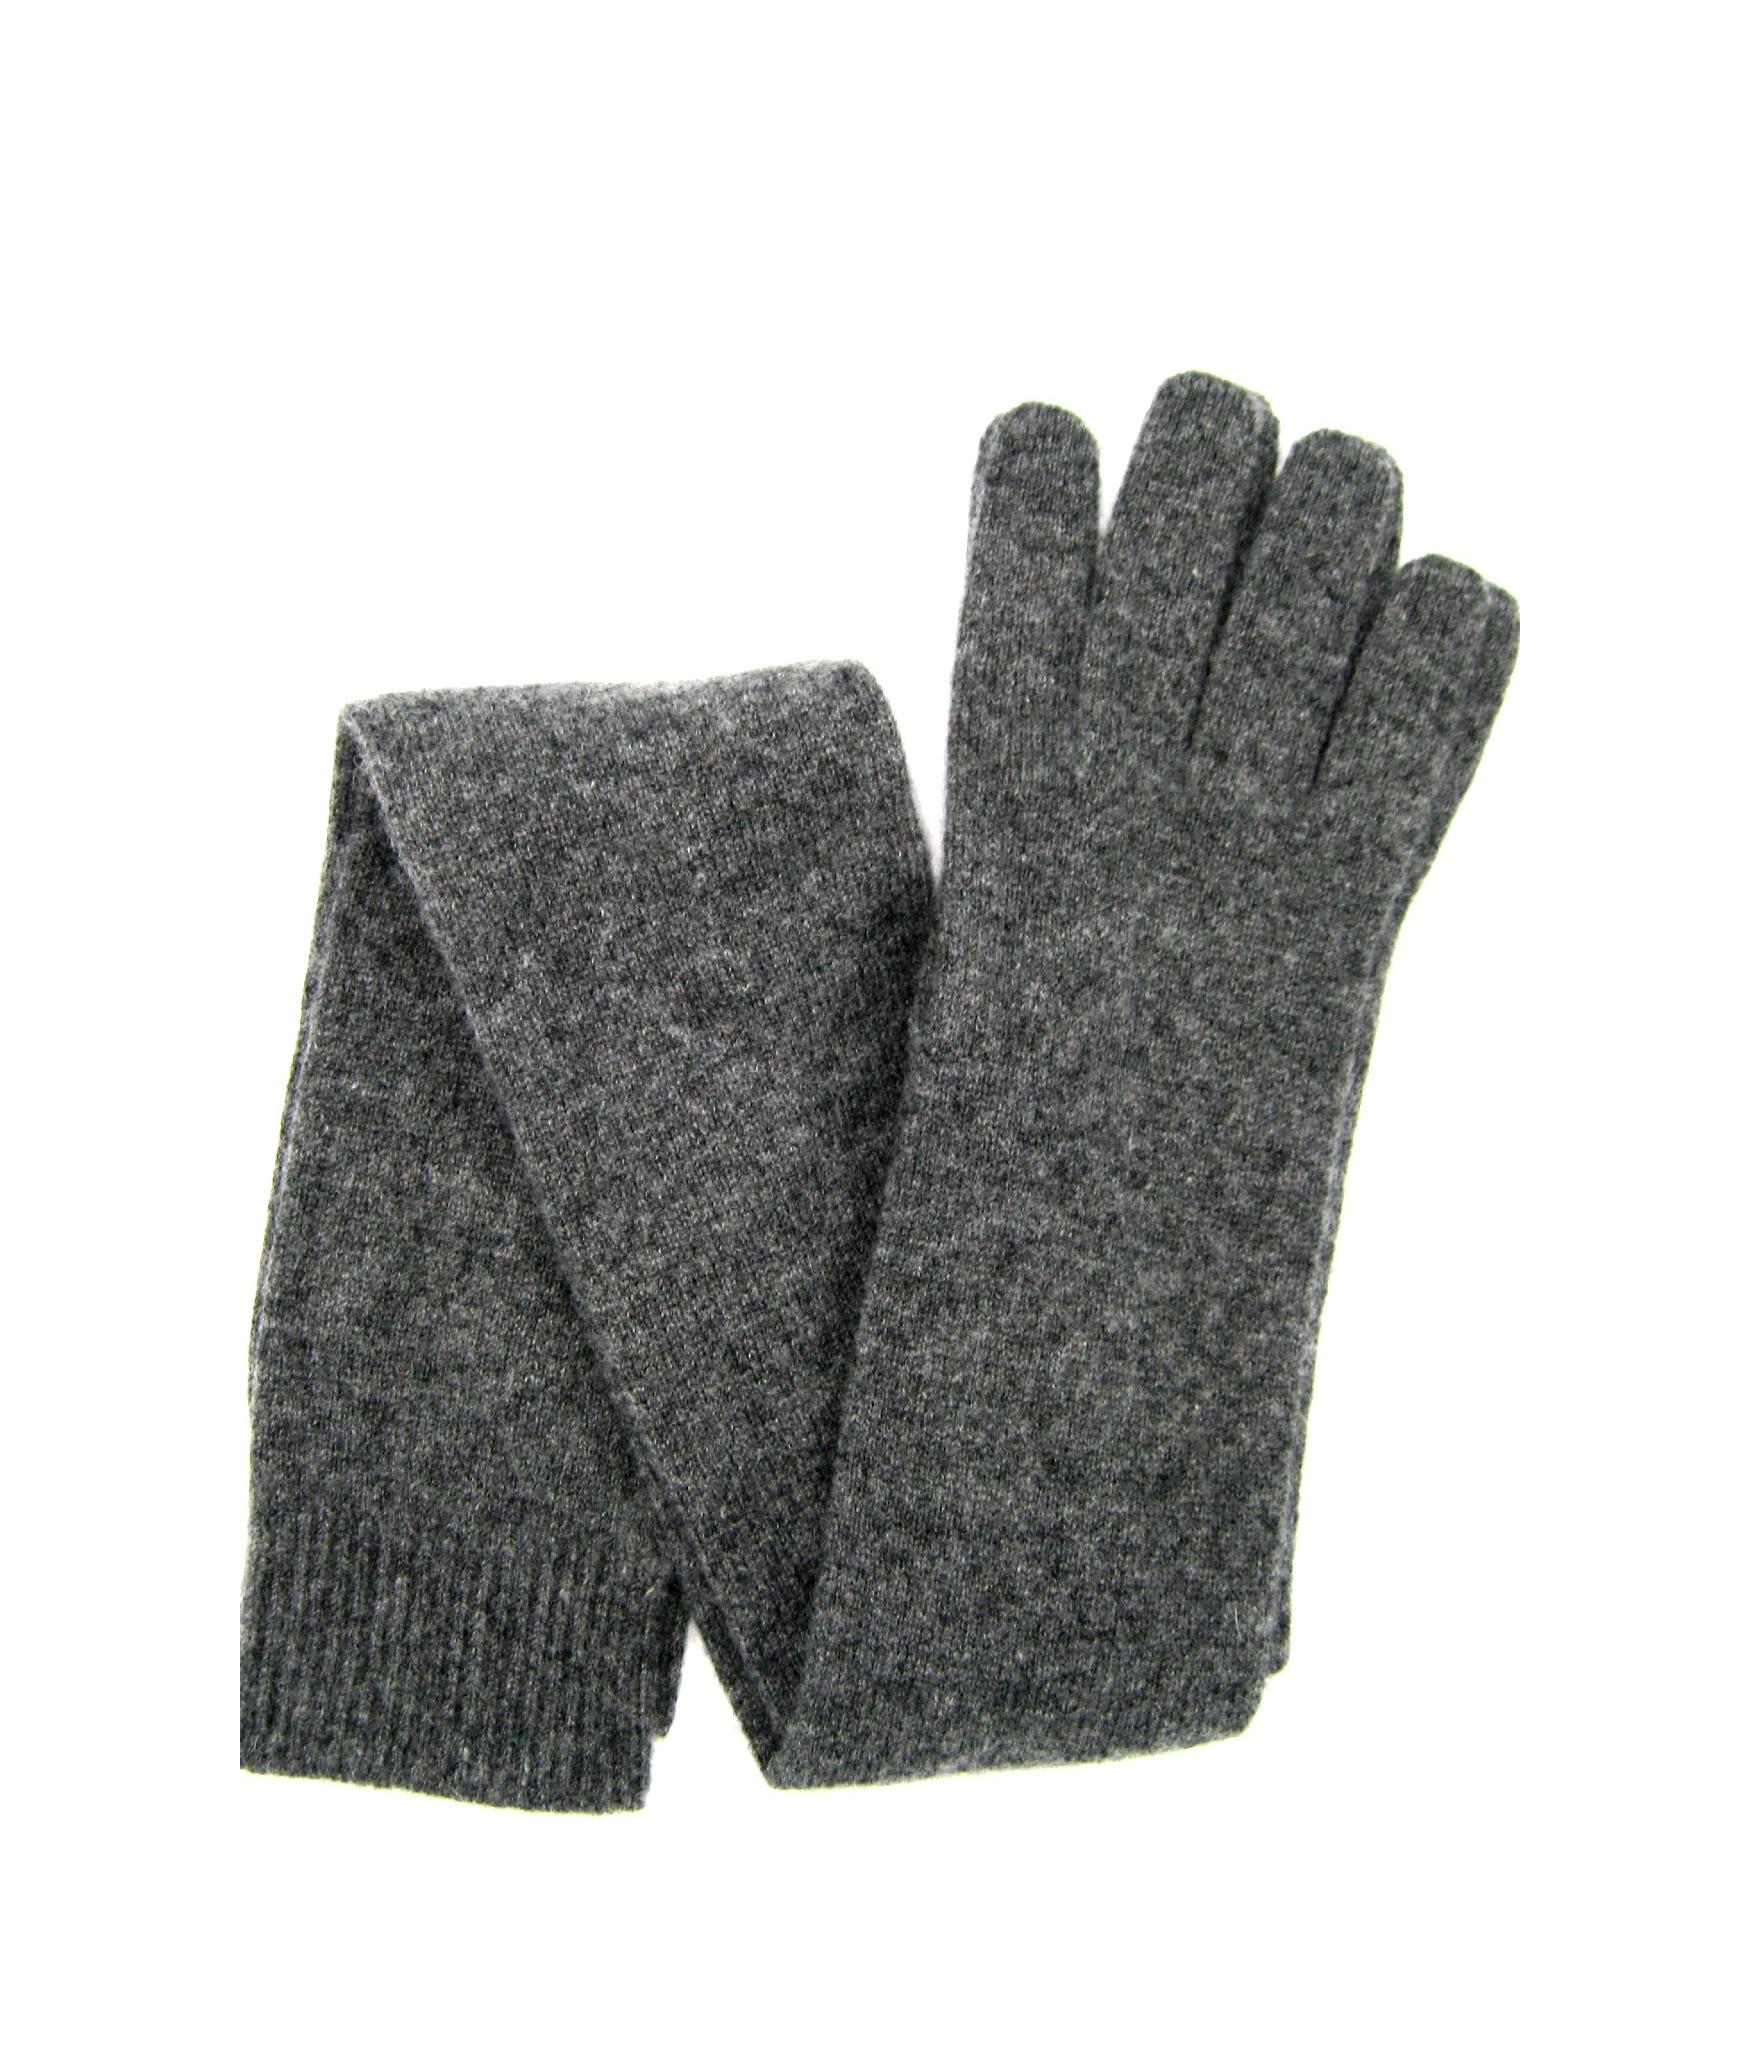 100%cashmere gloves 16bt Dark Grey Sermoneta Gloves Leather